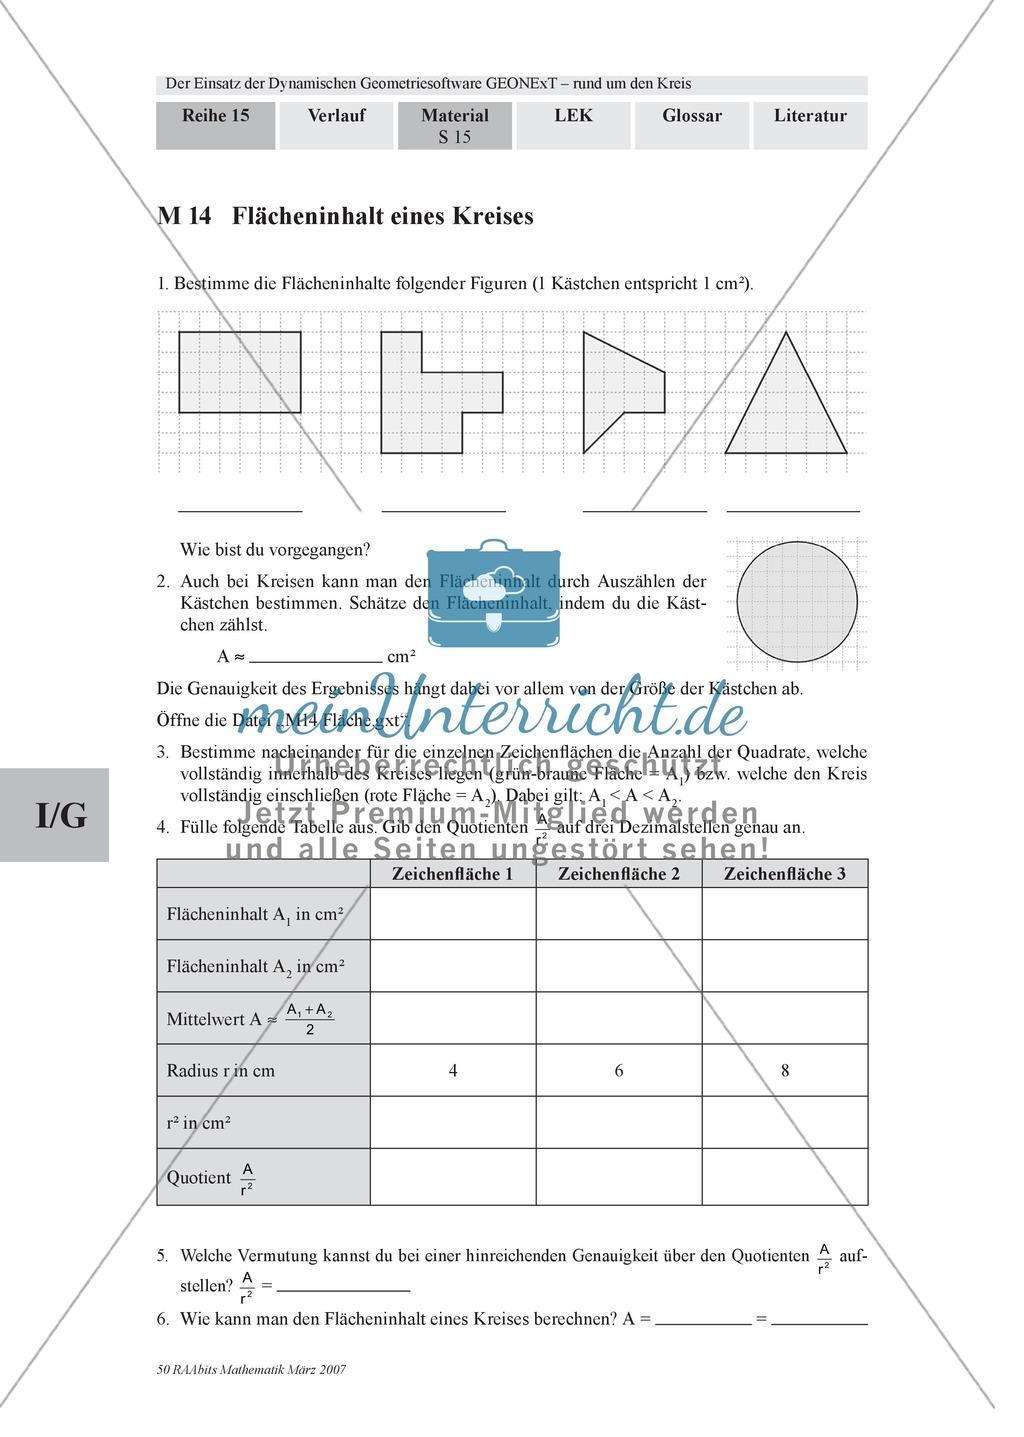 Aufgaben zu Kreisen mit der dynamischen Geometriesoftware GEONExT ...